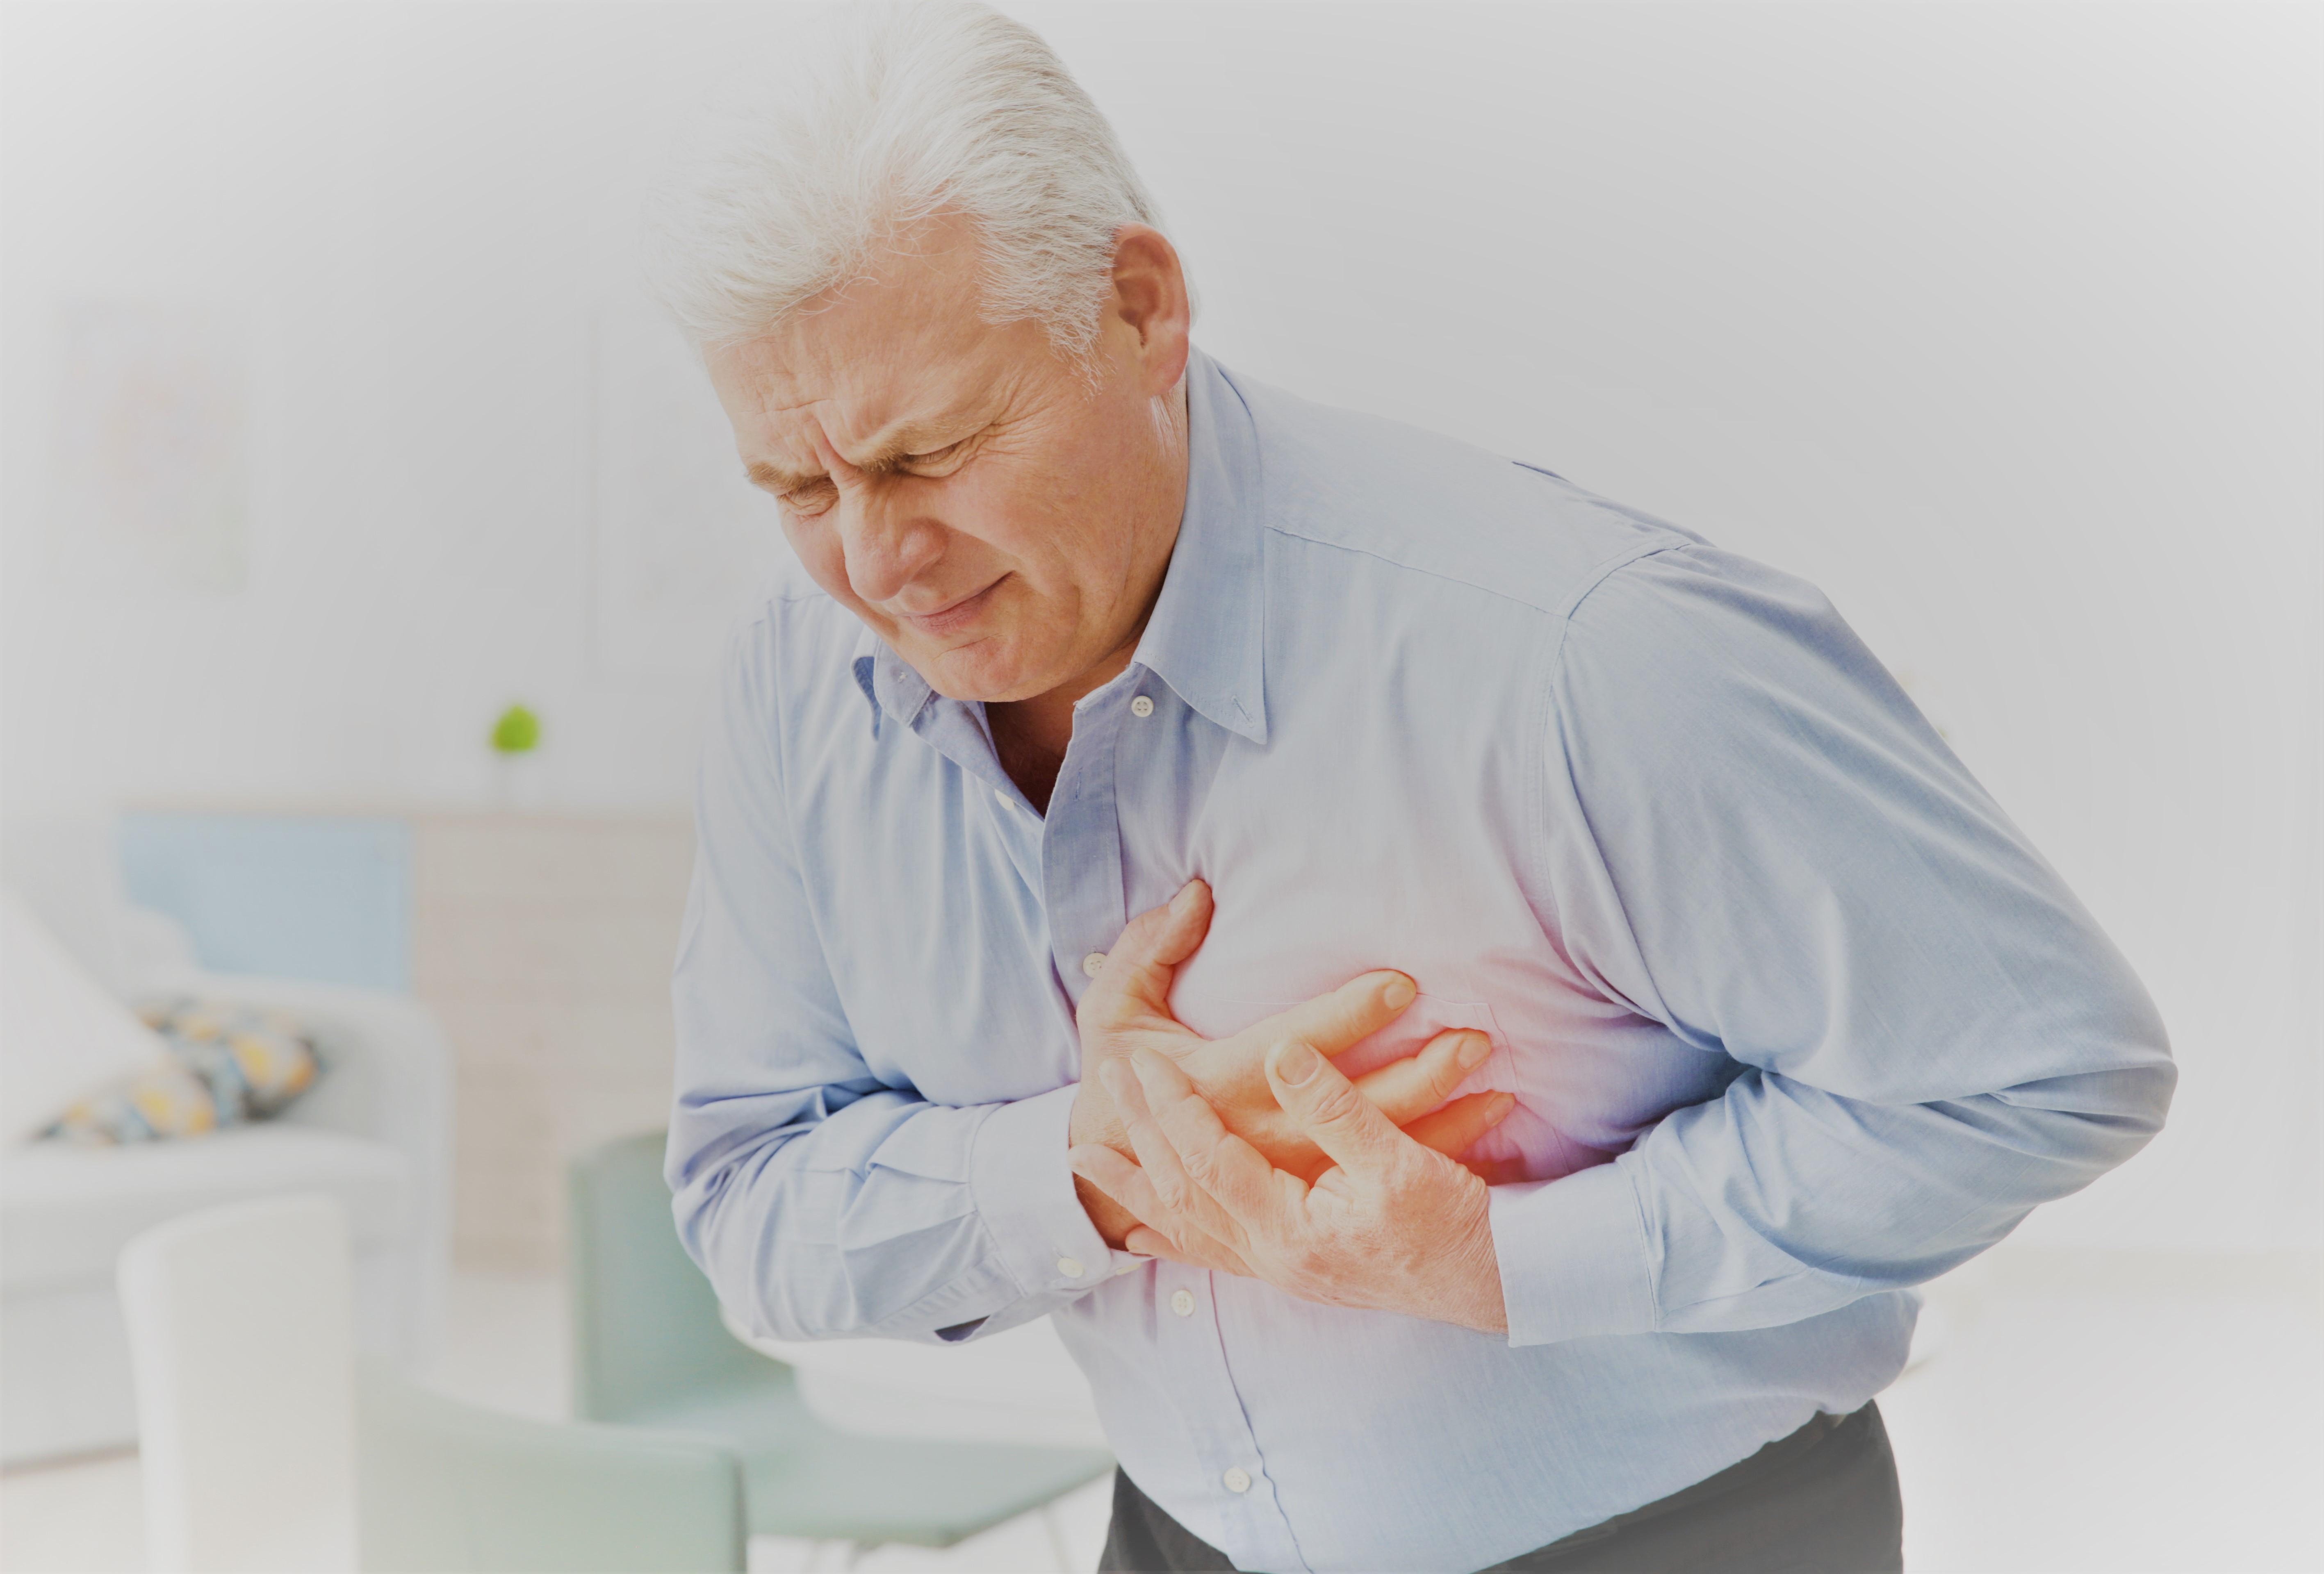 A mellhártyagyulladás tünetei és kezelése